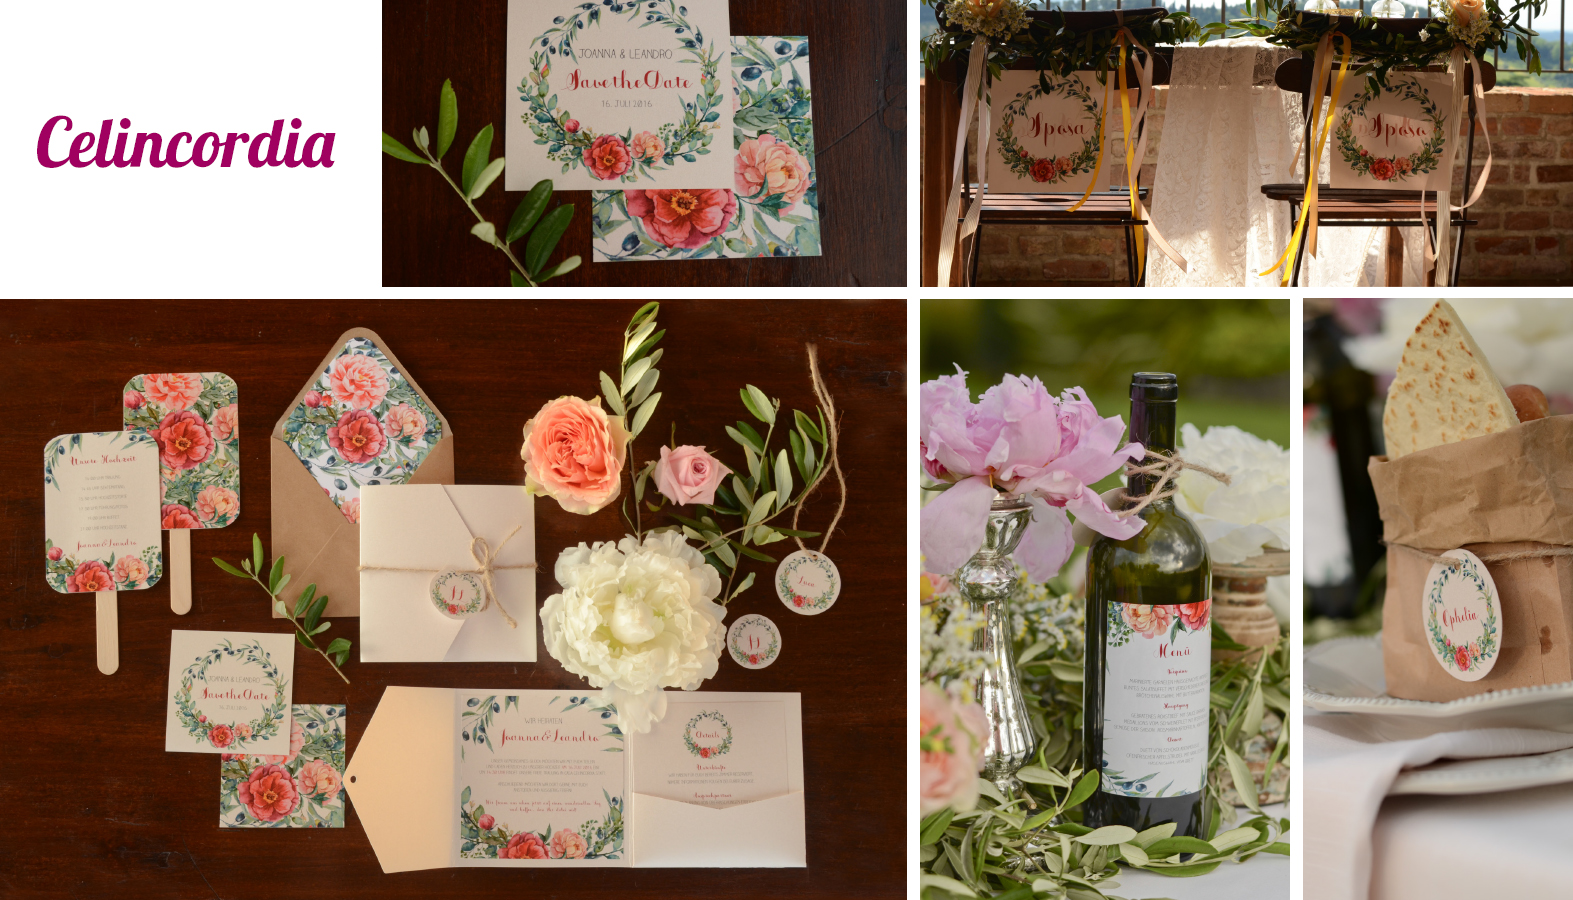 Hochzeitseinladungen Blumen Celincordia